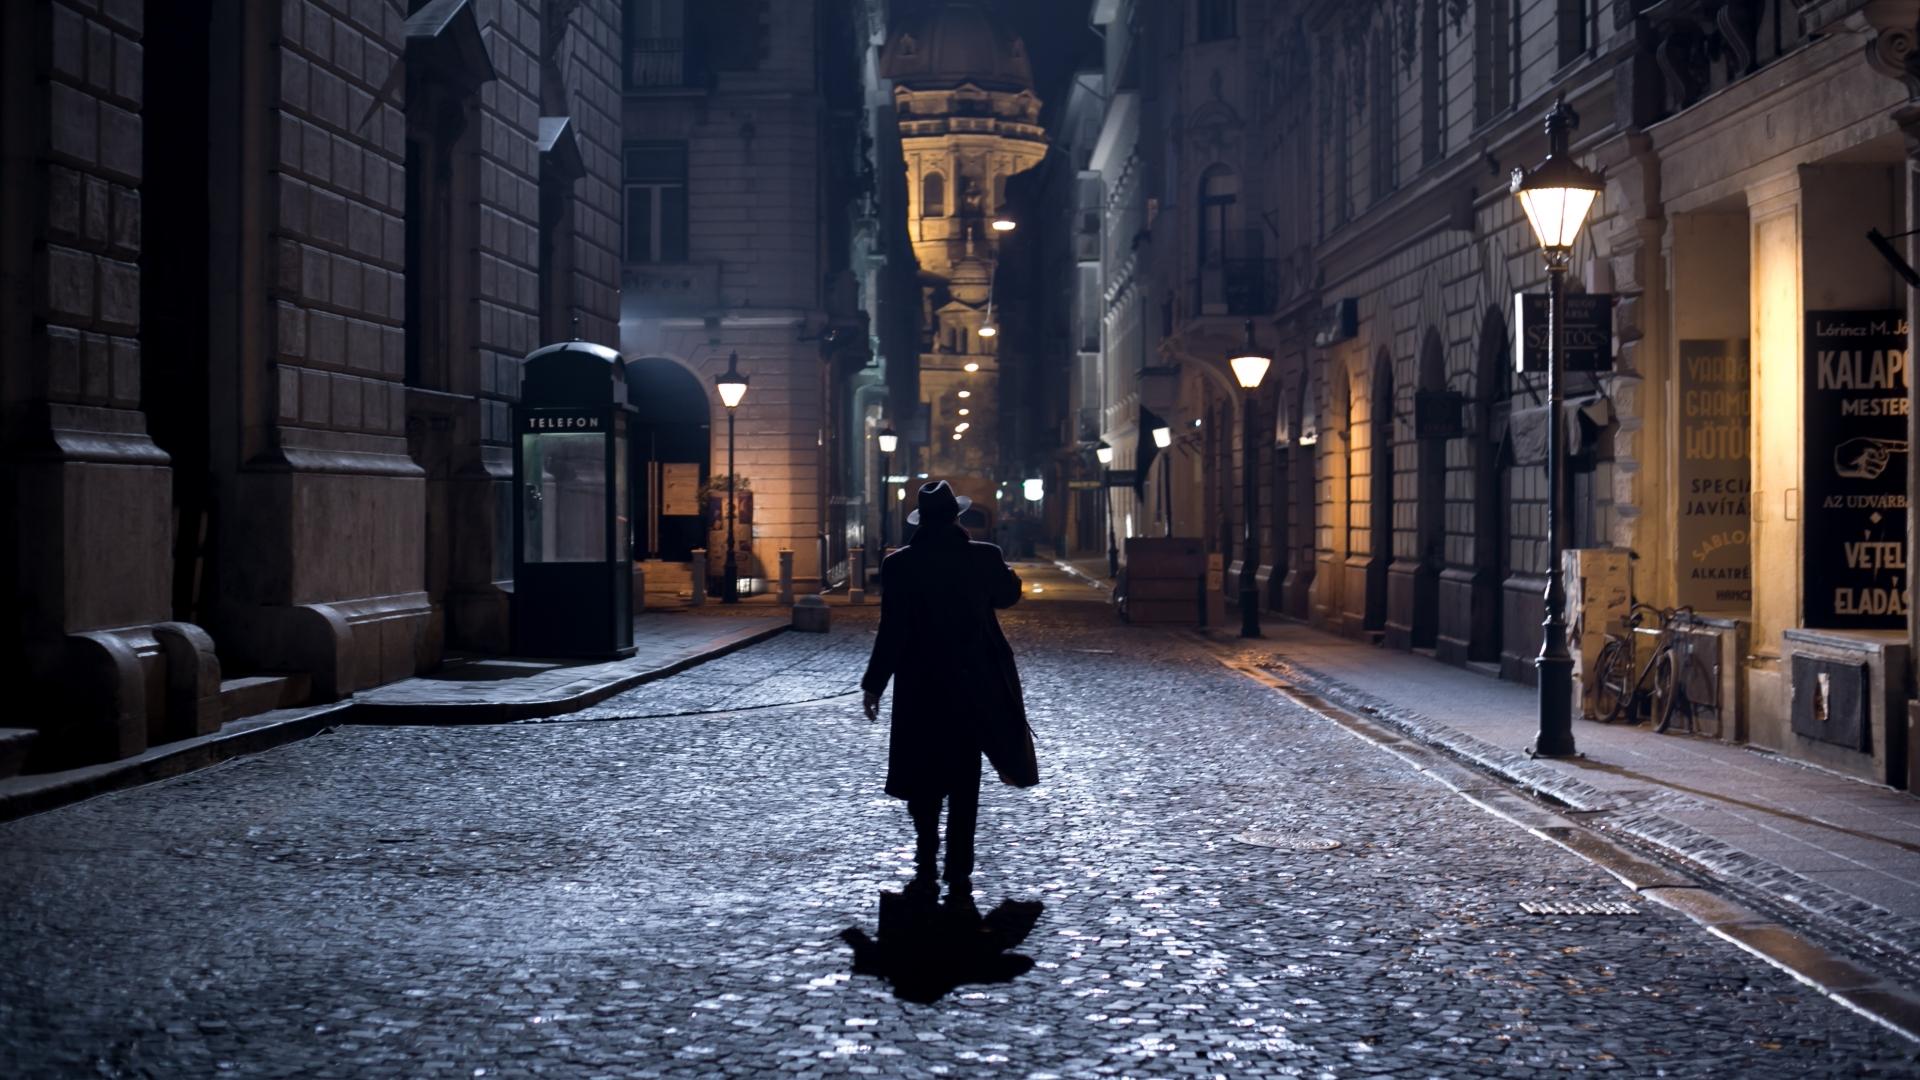 Noutăți și premiere cinematografice maghiare la prima ediție TIFF Oradea